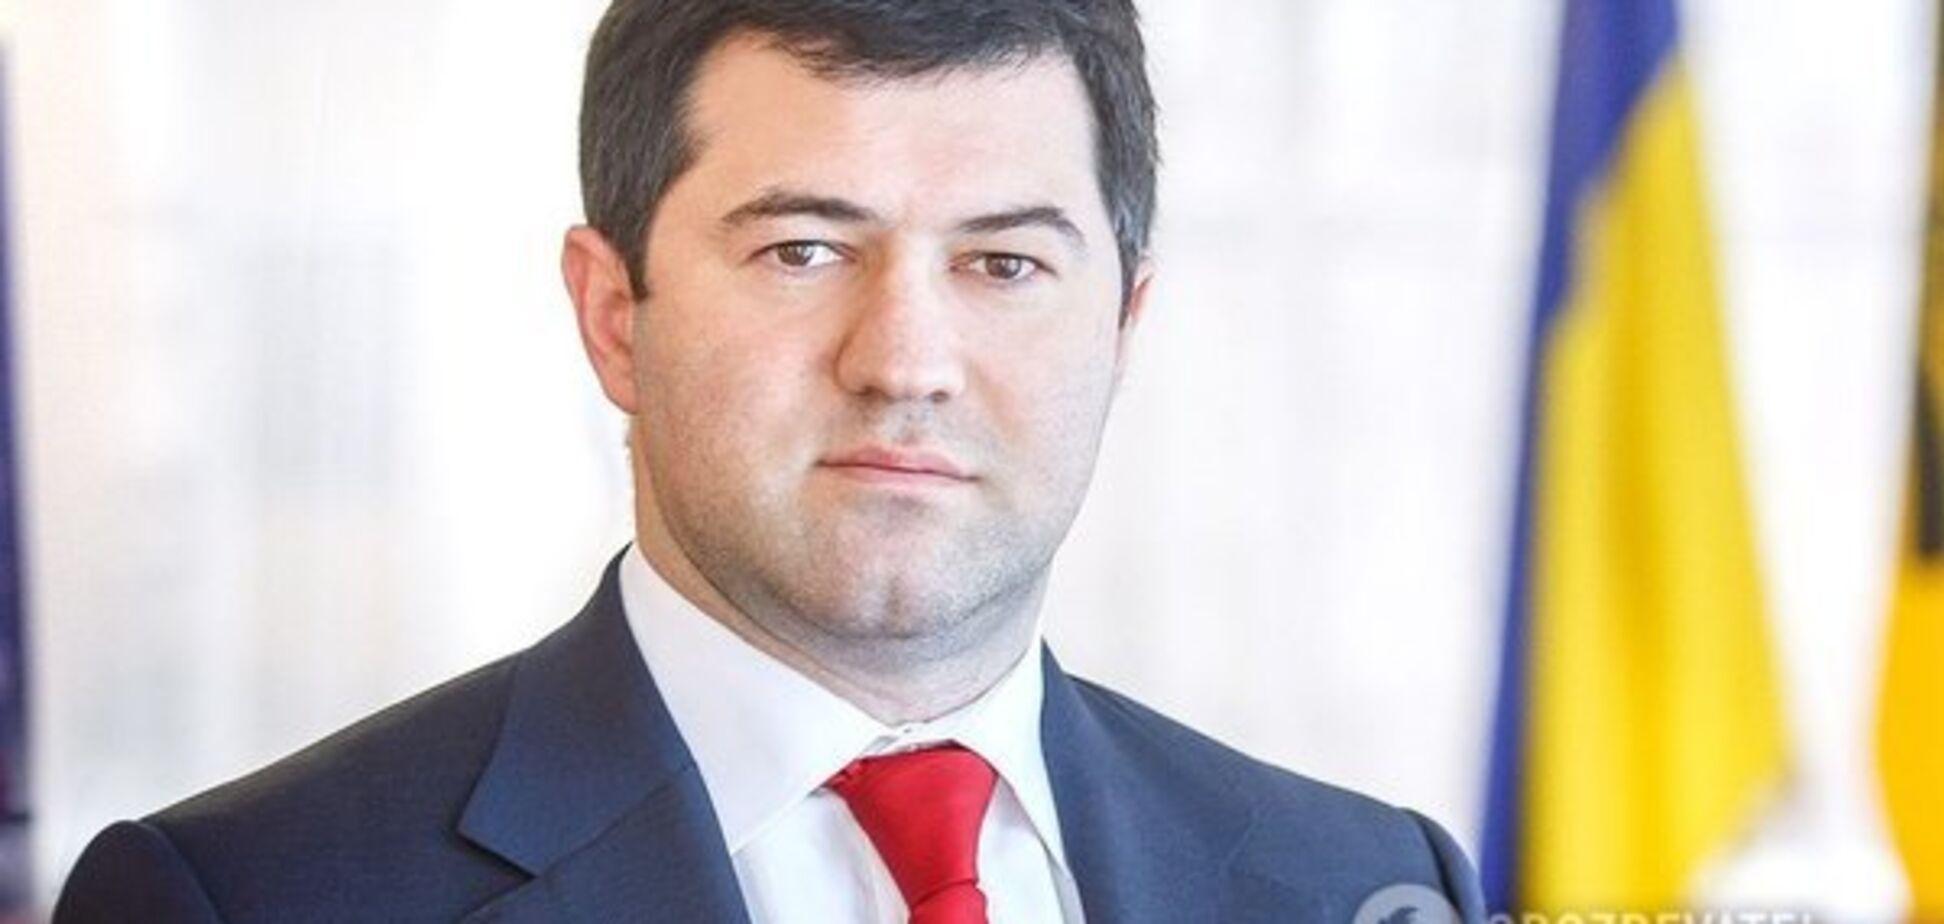 Насиров уже восстановлен в должности. Теперь всем нужно выполнять решение суда – Швец